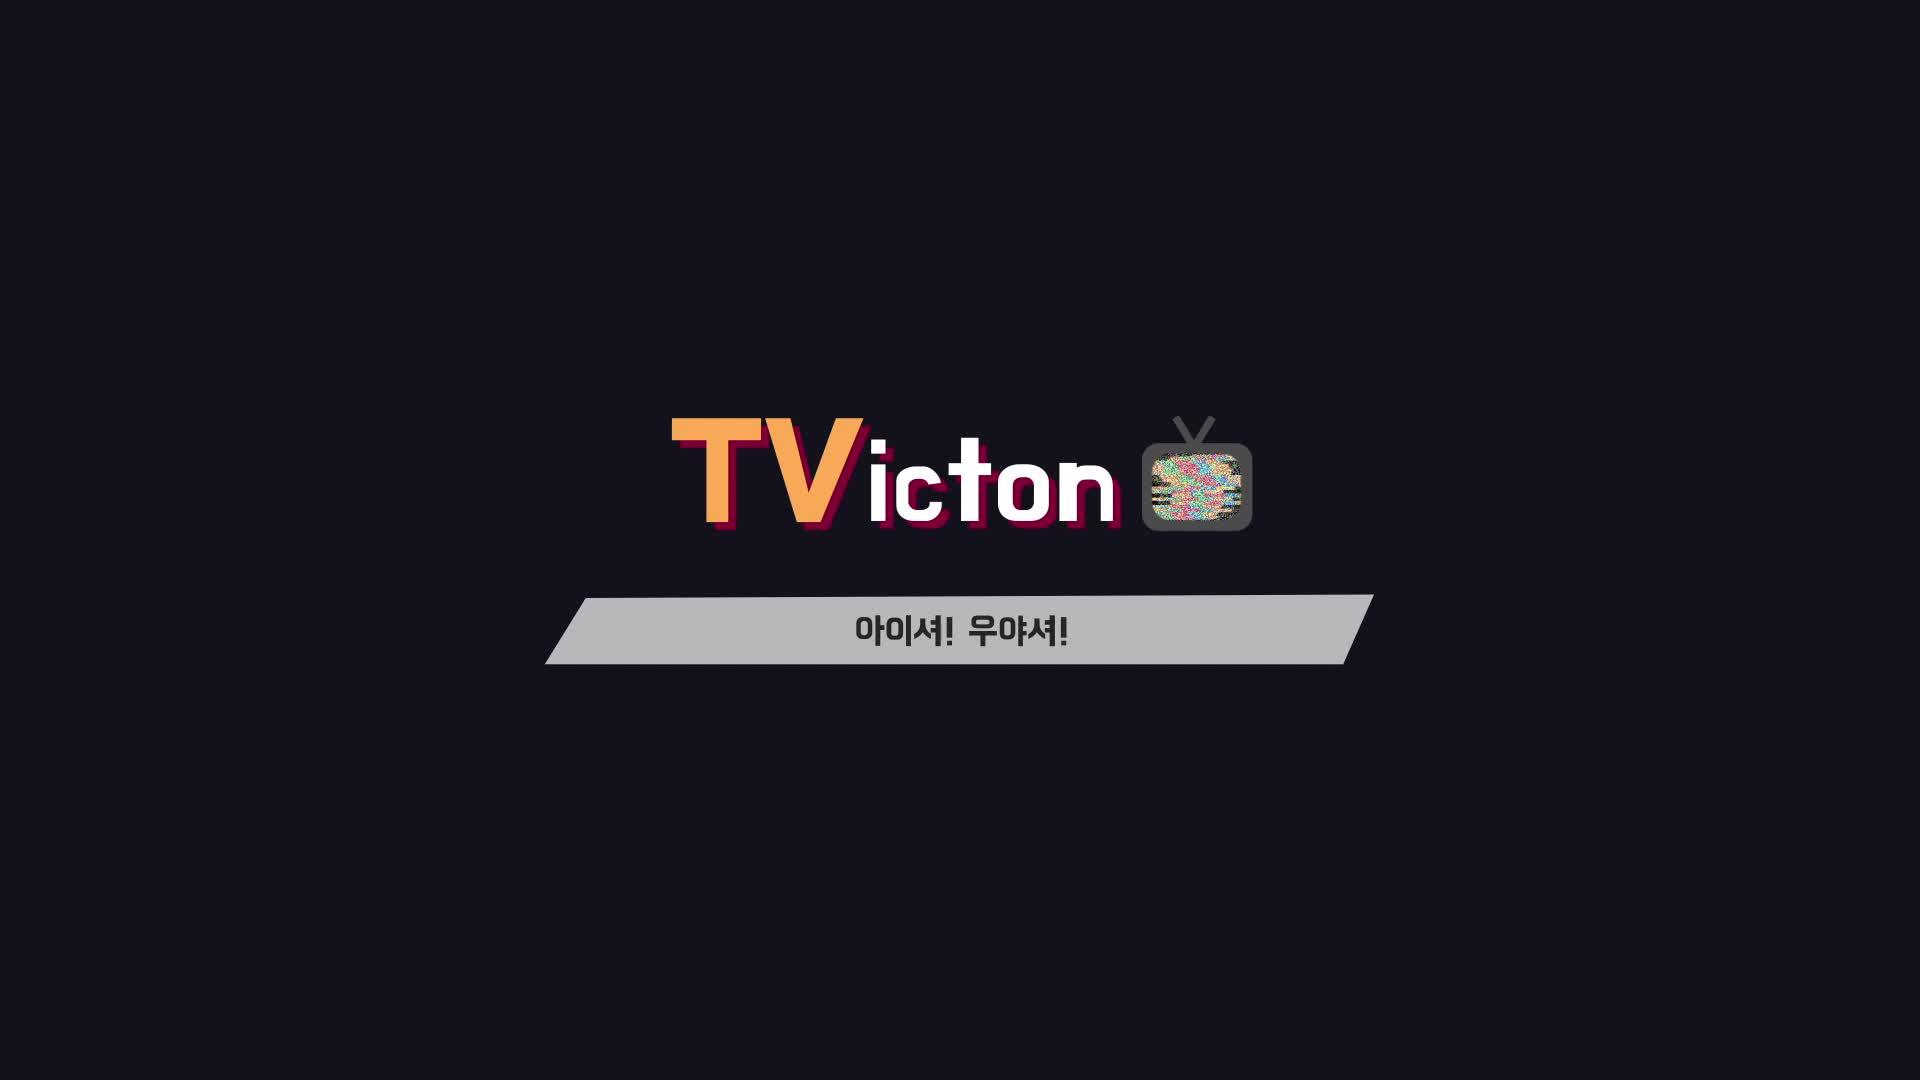 TVicton (아이셔! 우야셔!)